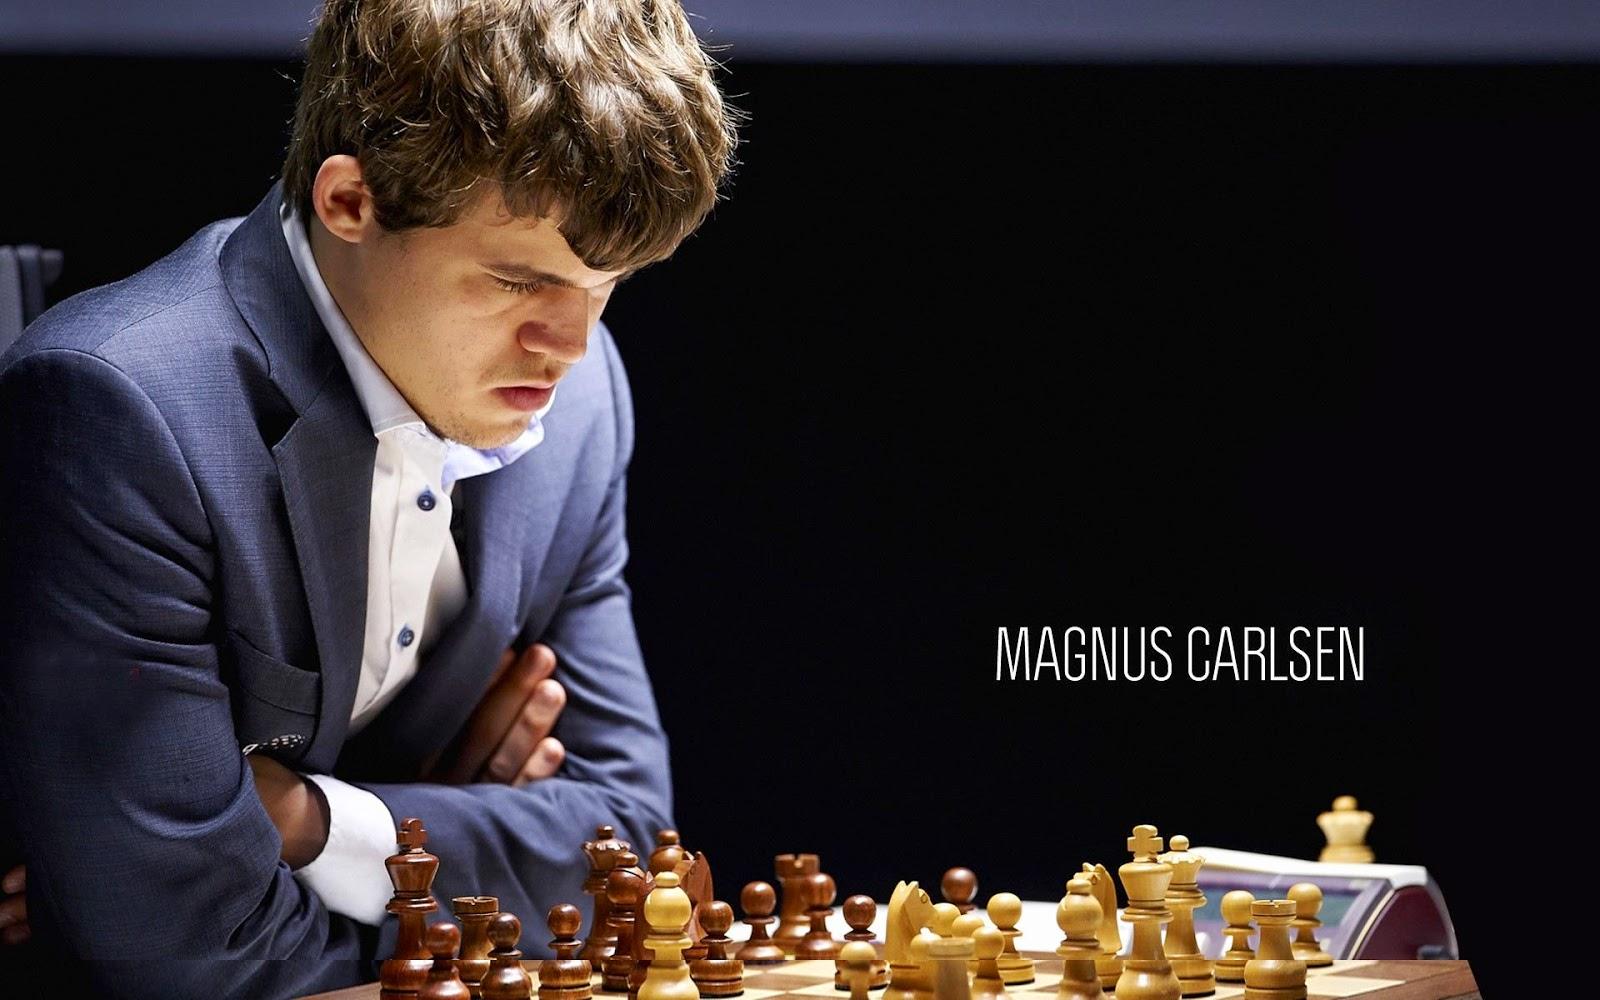 5 Cara menandingi bahkan mengalahkan Magnus Carlsen